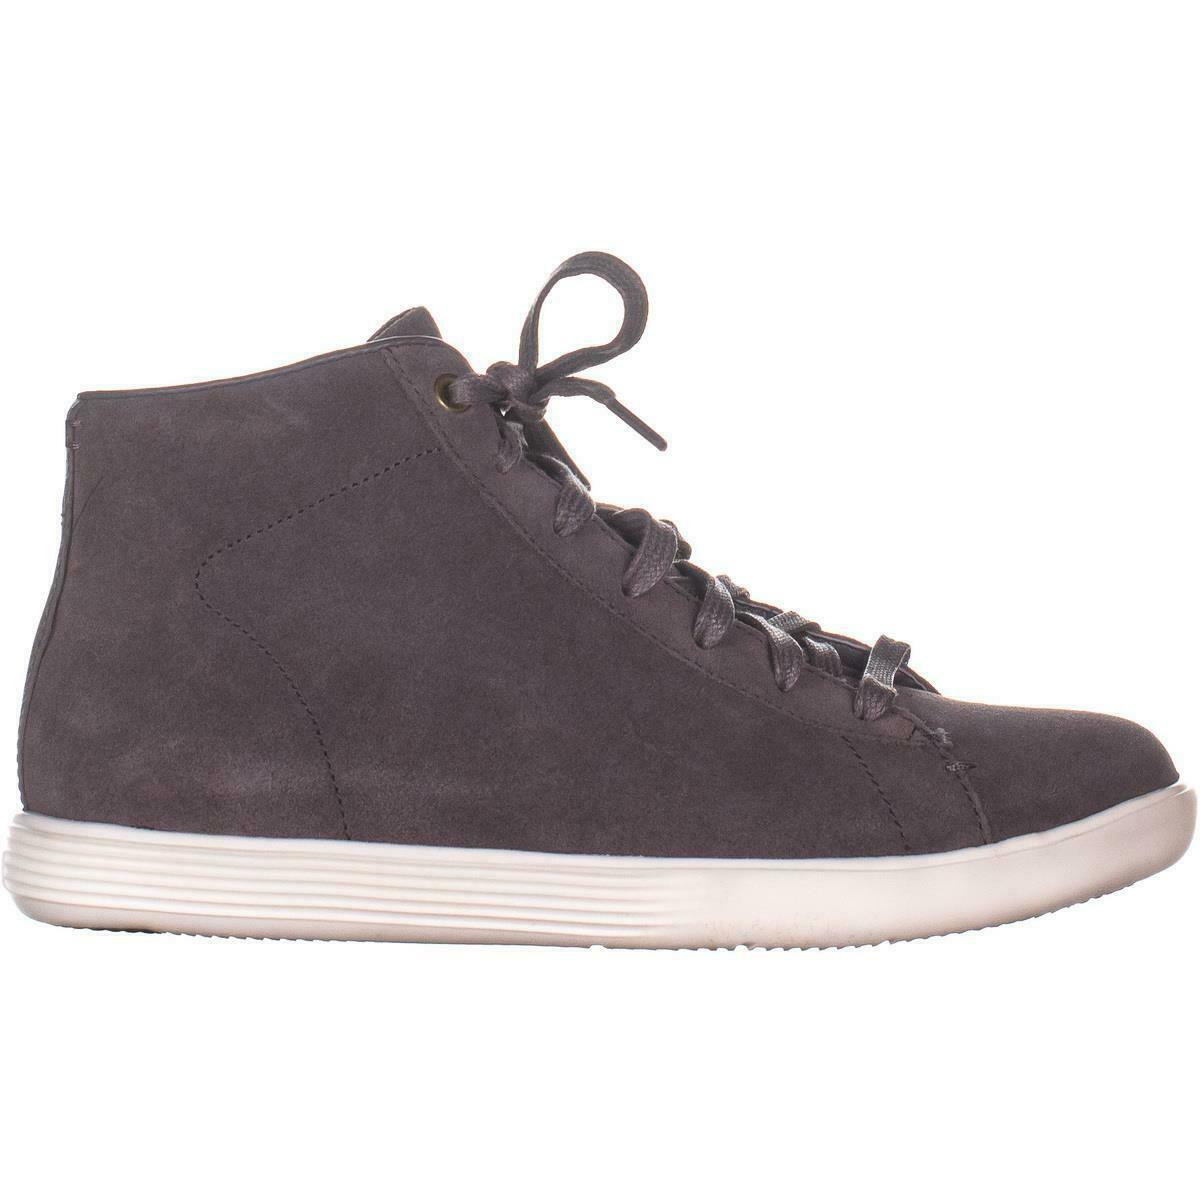 4c08c78c Cole Haan Grand Crosscourt High Top Sneakers, Stormcloud Suede, 6 US